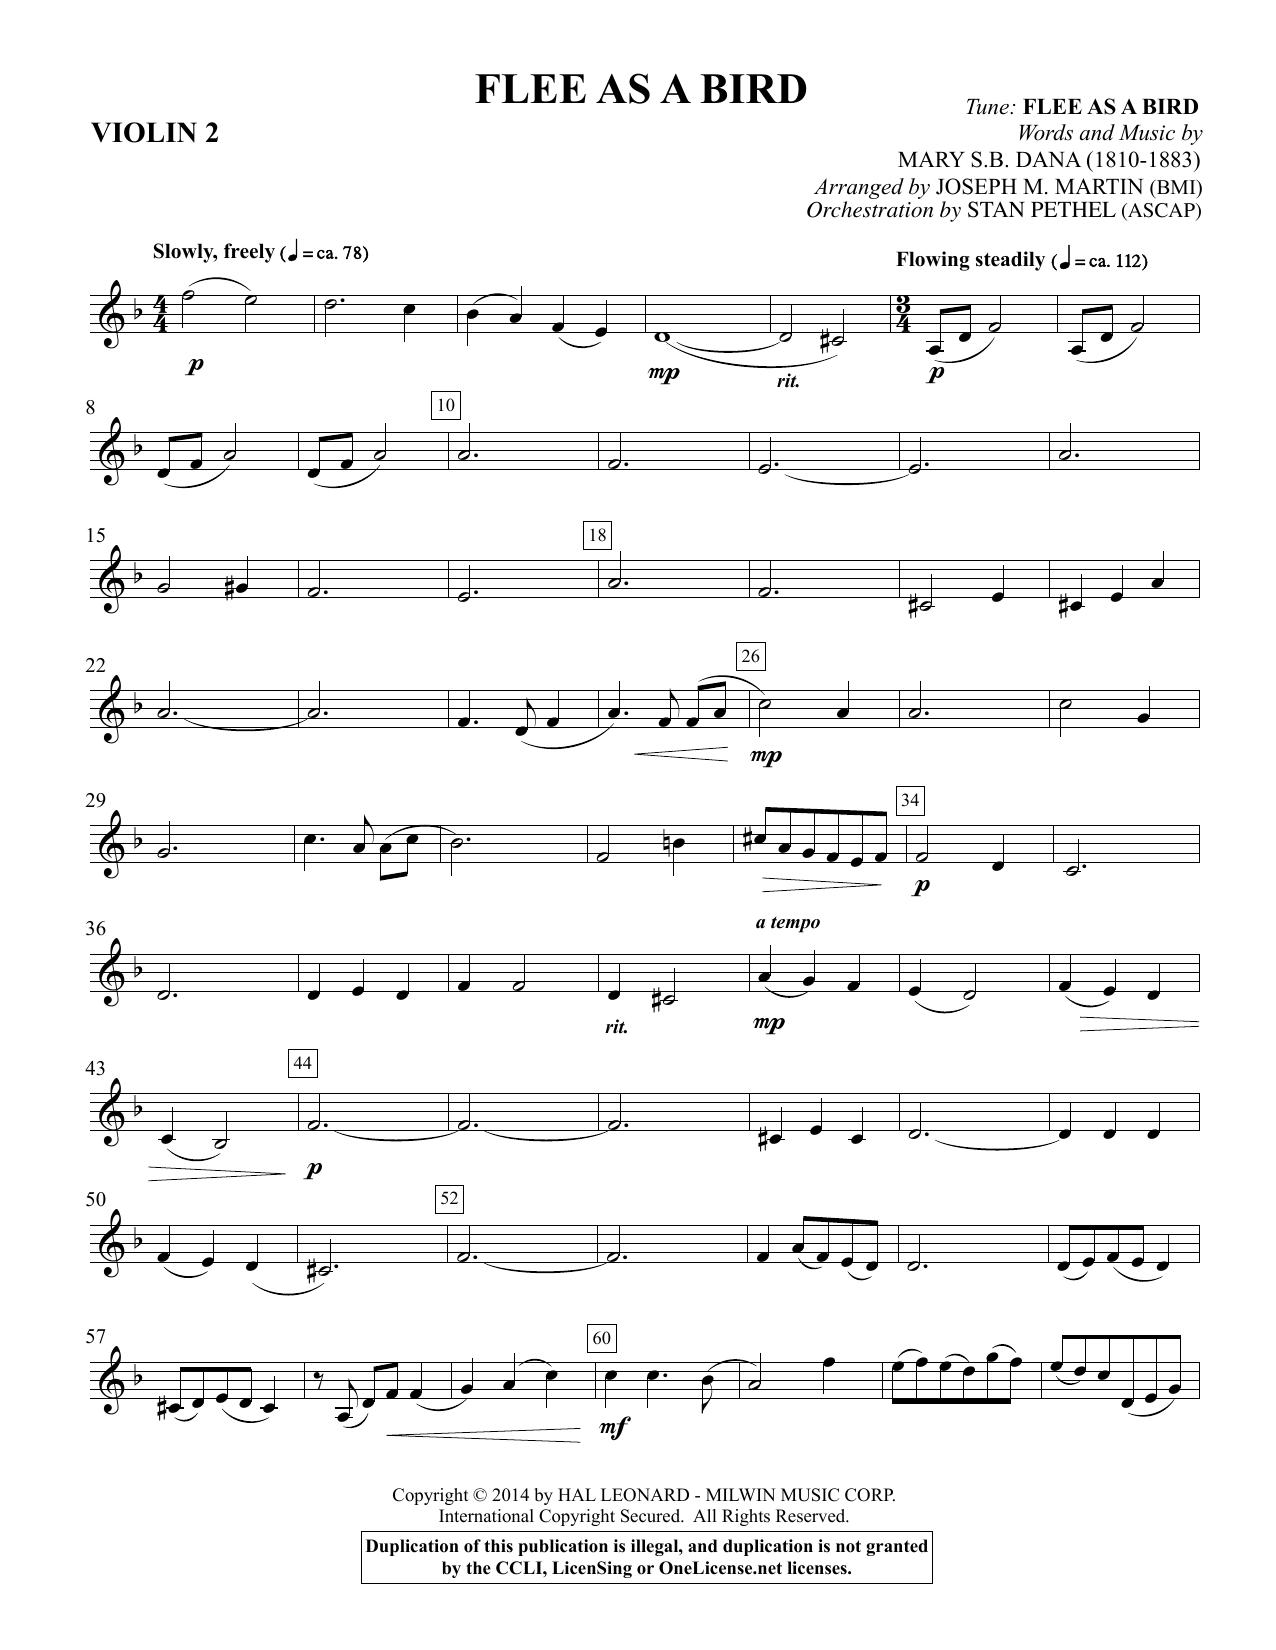 Flee As a Bird - Violin 2 Sheet Music